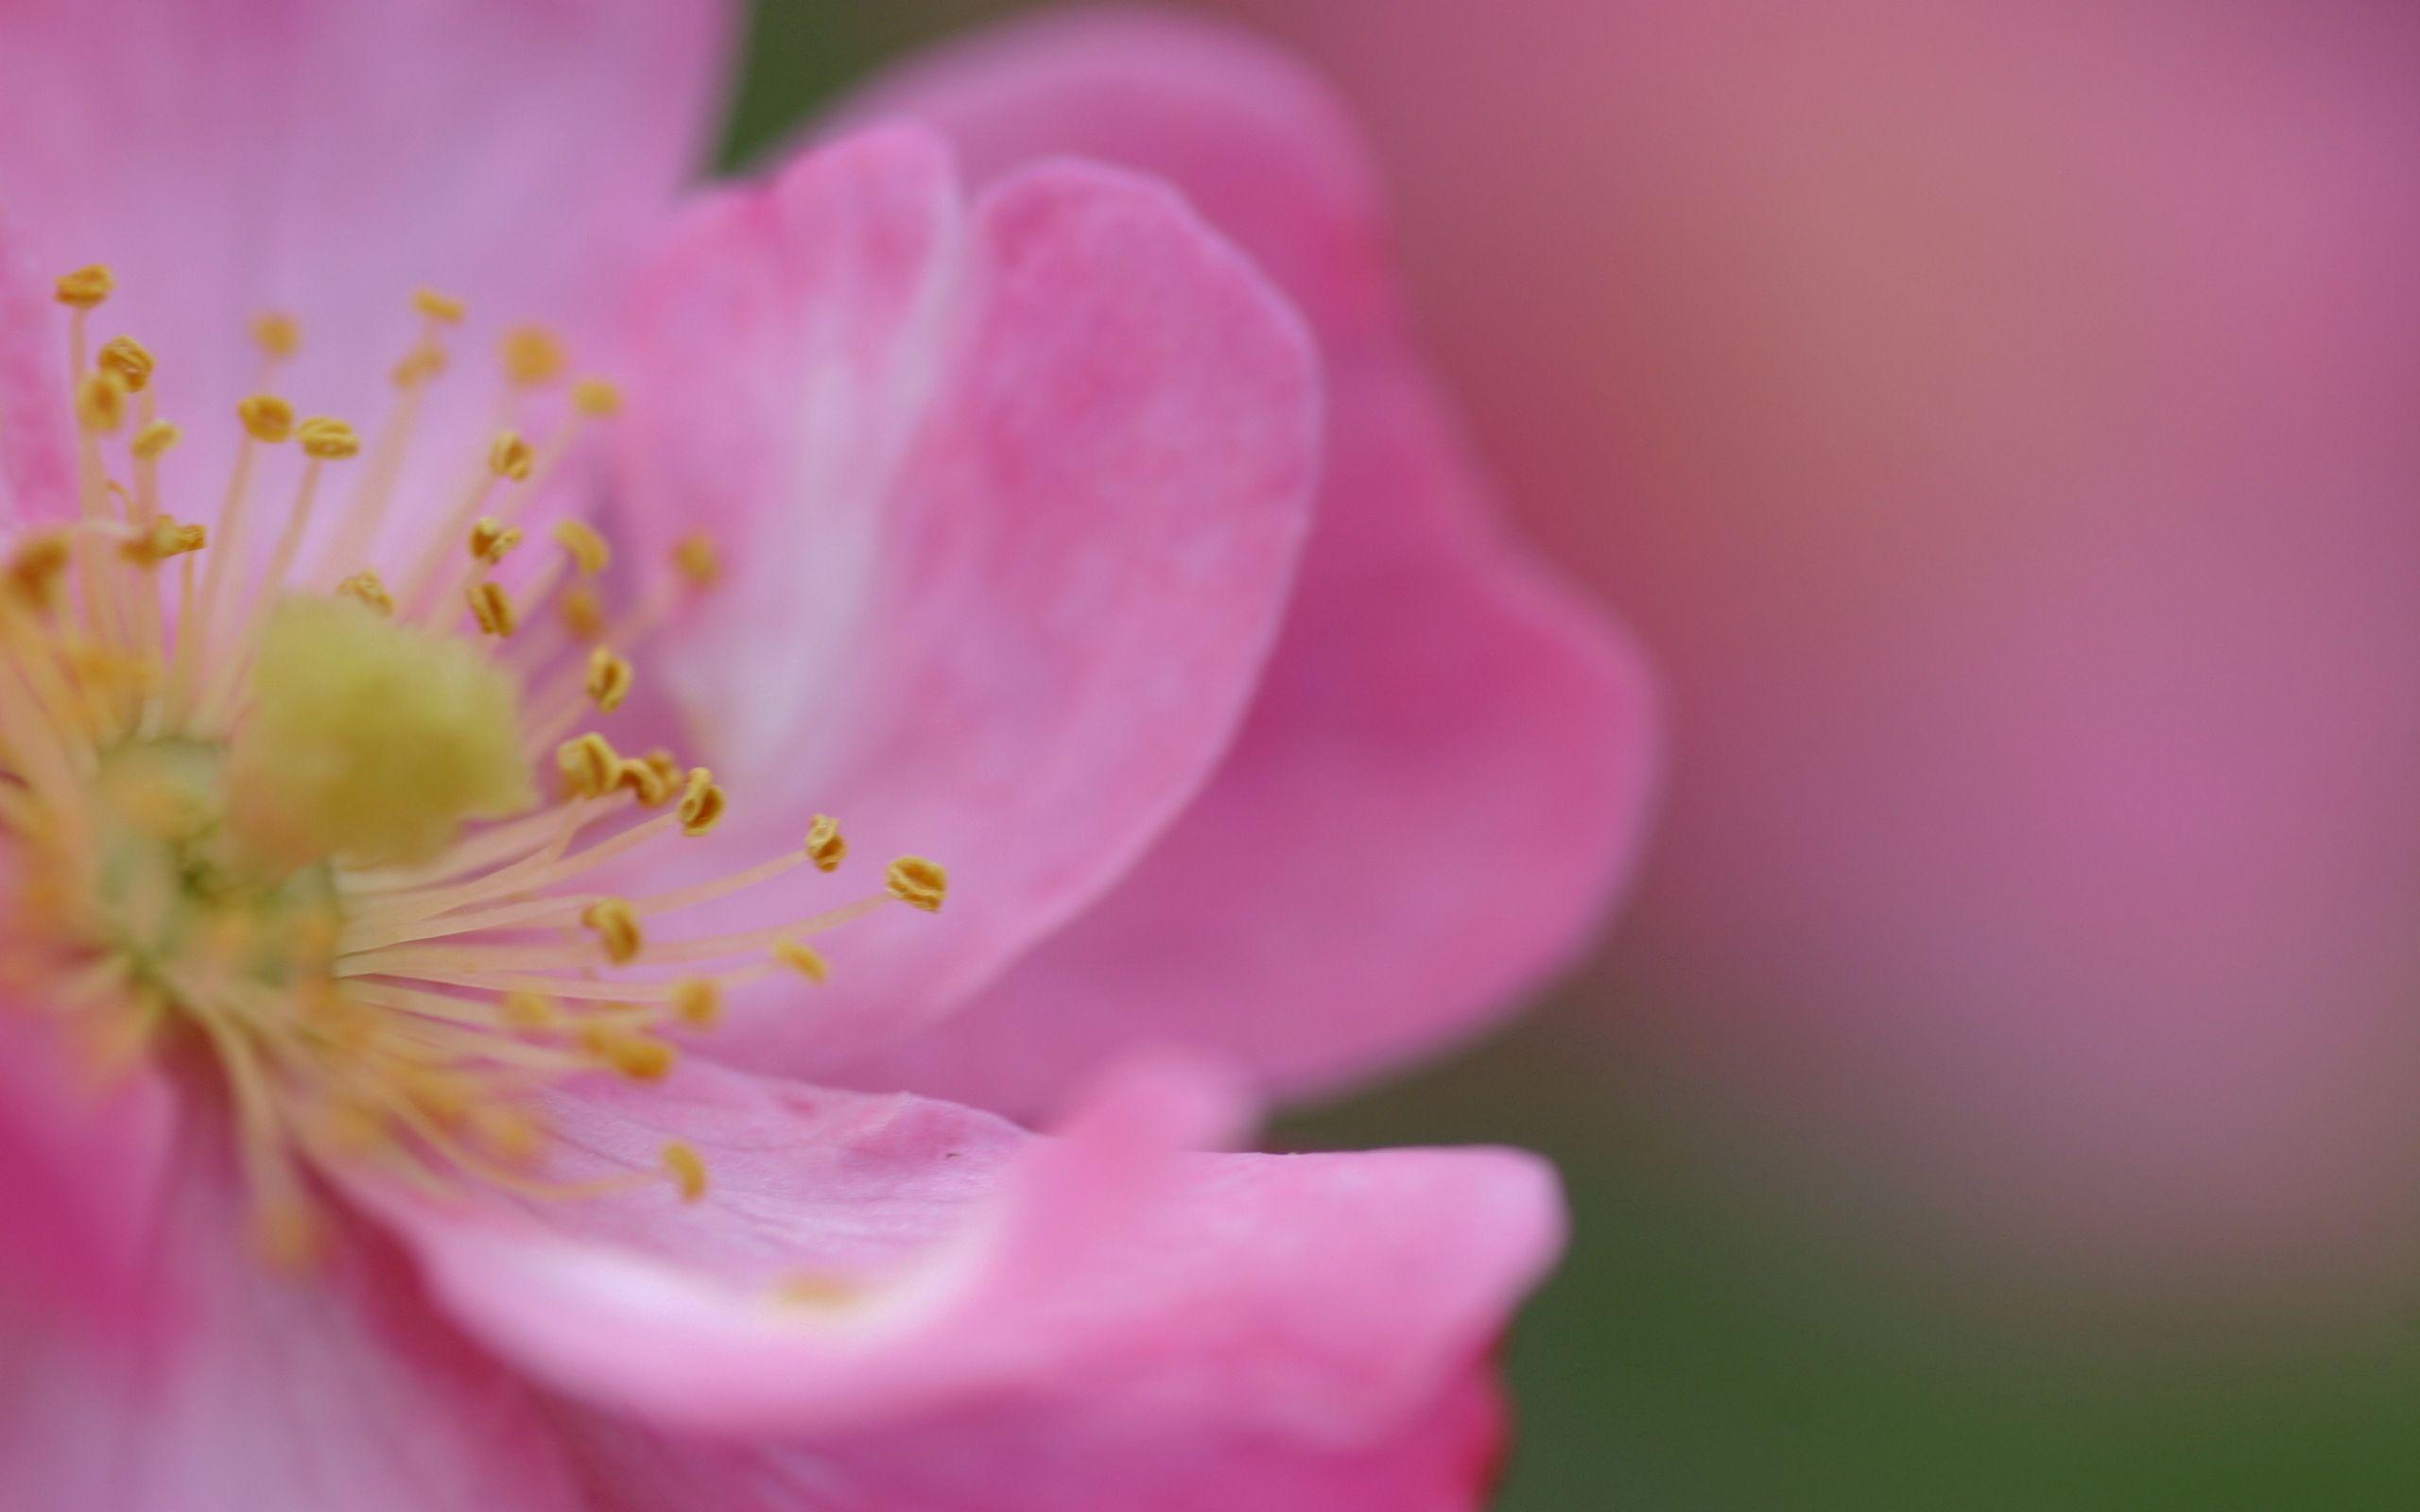 81946 скачать обои Шиповник, Цветок, Макро, Роза, Лепестки, Цвет, Розовые - заставки и картинки бесплатно